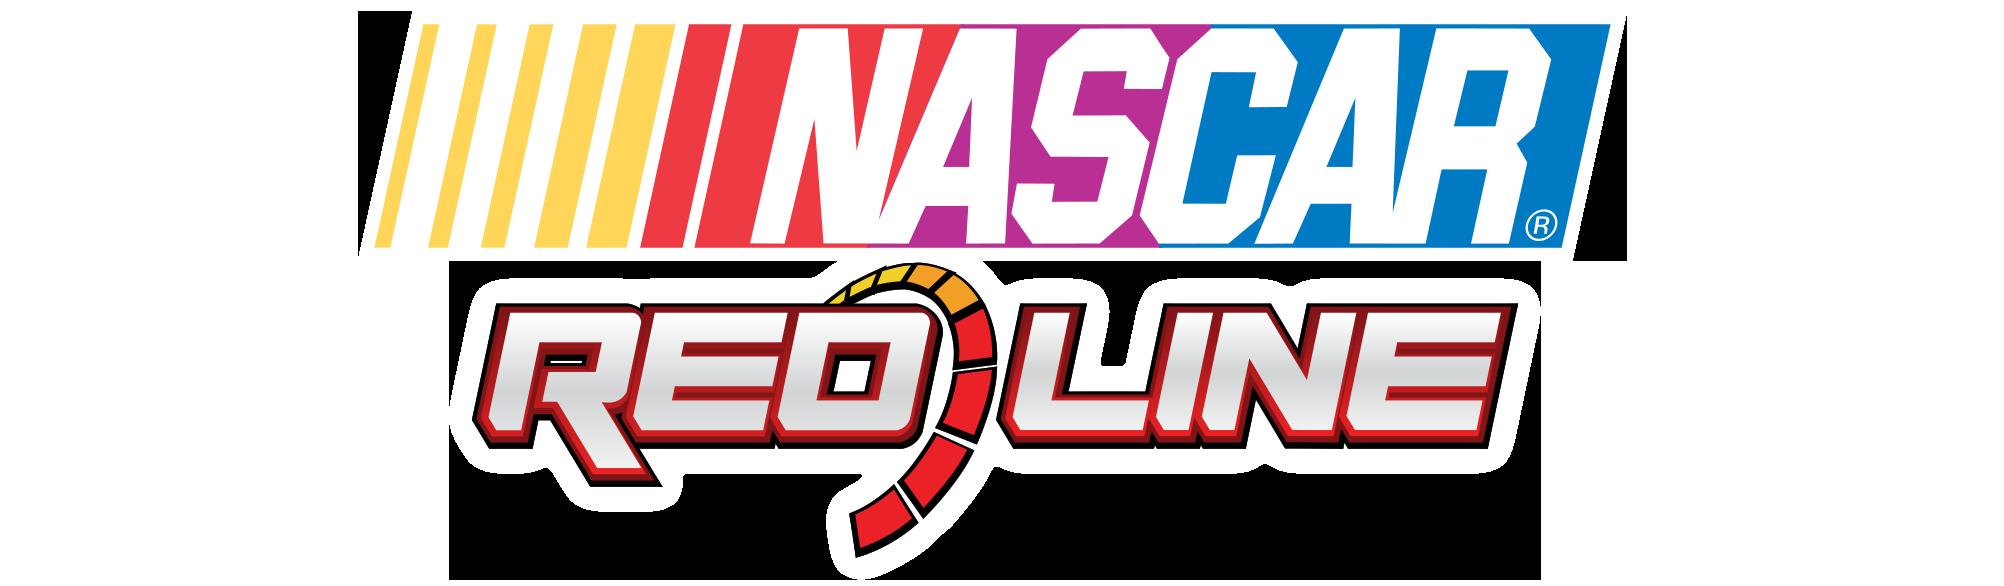 NASCAR Redline Logo Nascar Logo Png